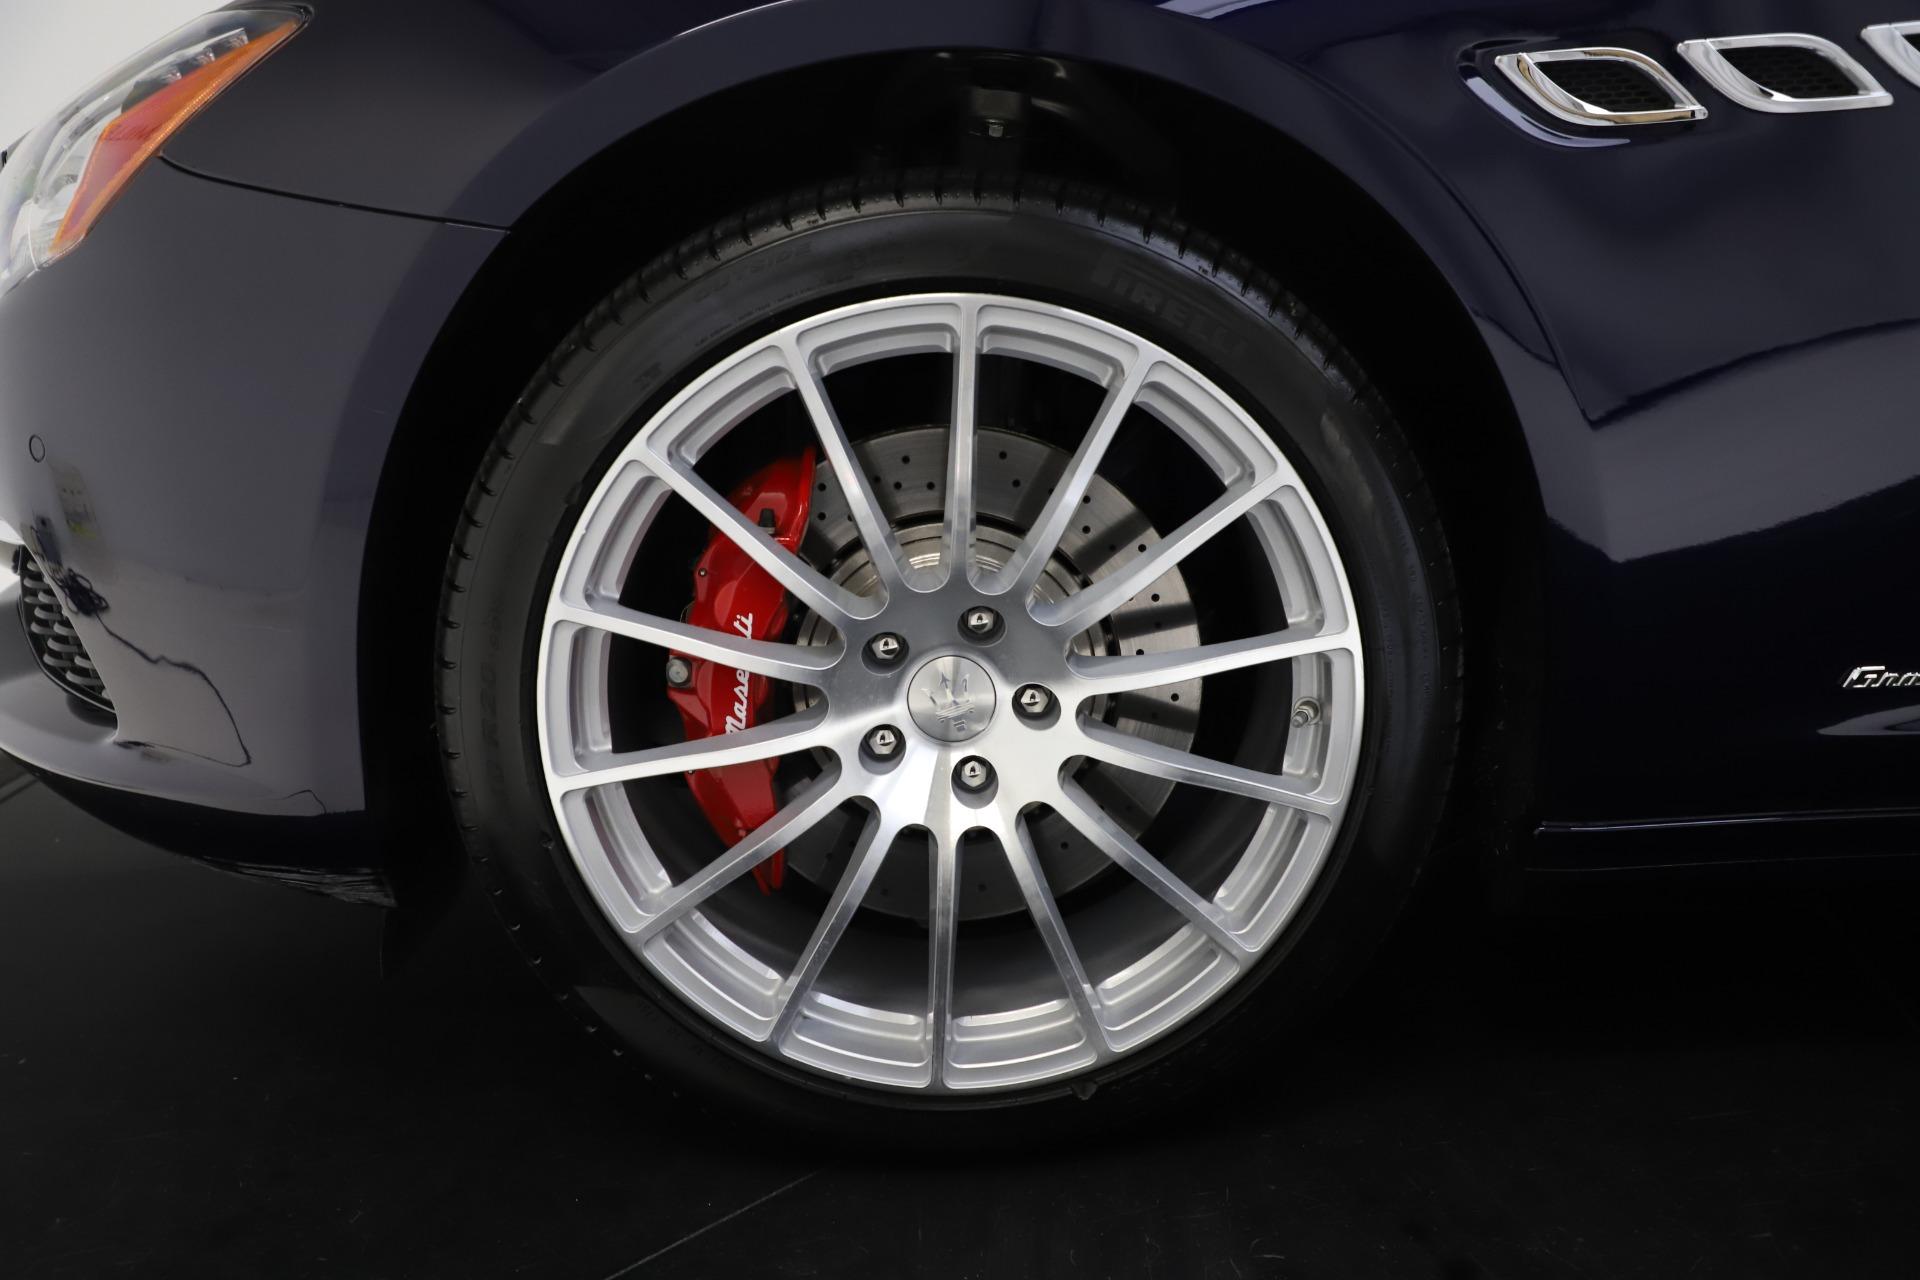 Used 2017 Maserati Quattroporte S Q4 GranLusso For Sale In Greenwich, CT 3553_p32